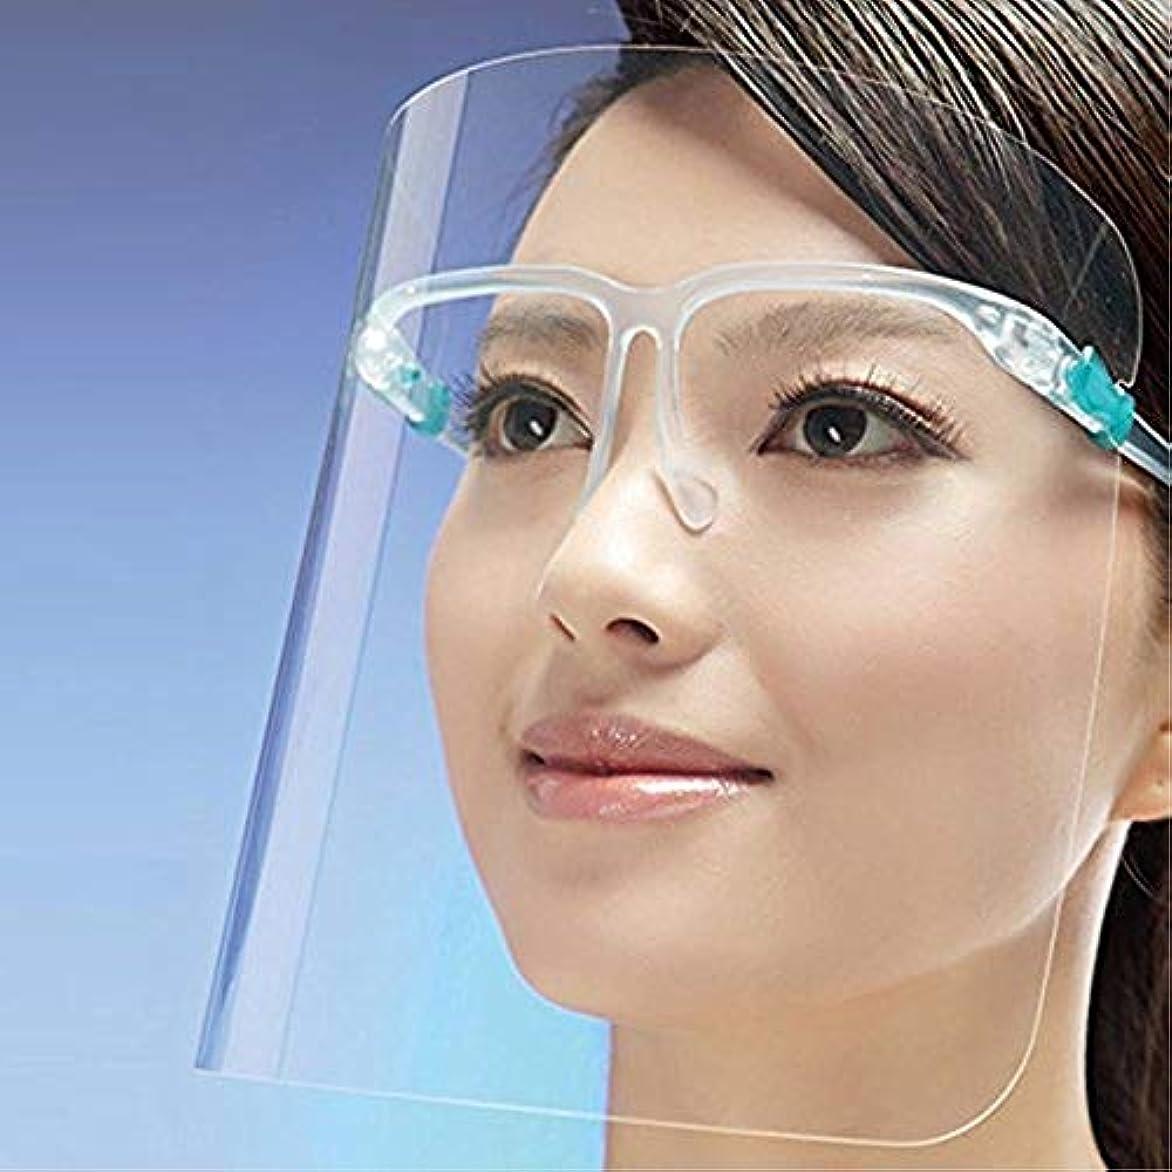 チャップ不十分なエンゲージメントKINGZUO クッキングマスク 透明マスク 防護クラス フェイスマスク メガネ式 眼鏡の上から掛けられる 唐揚げ防止 肌を守る ホコリ対策 DIY 顔を保護 繰り返し使える ホワイト